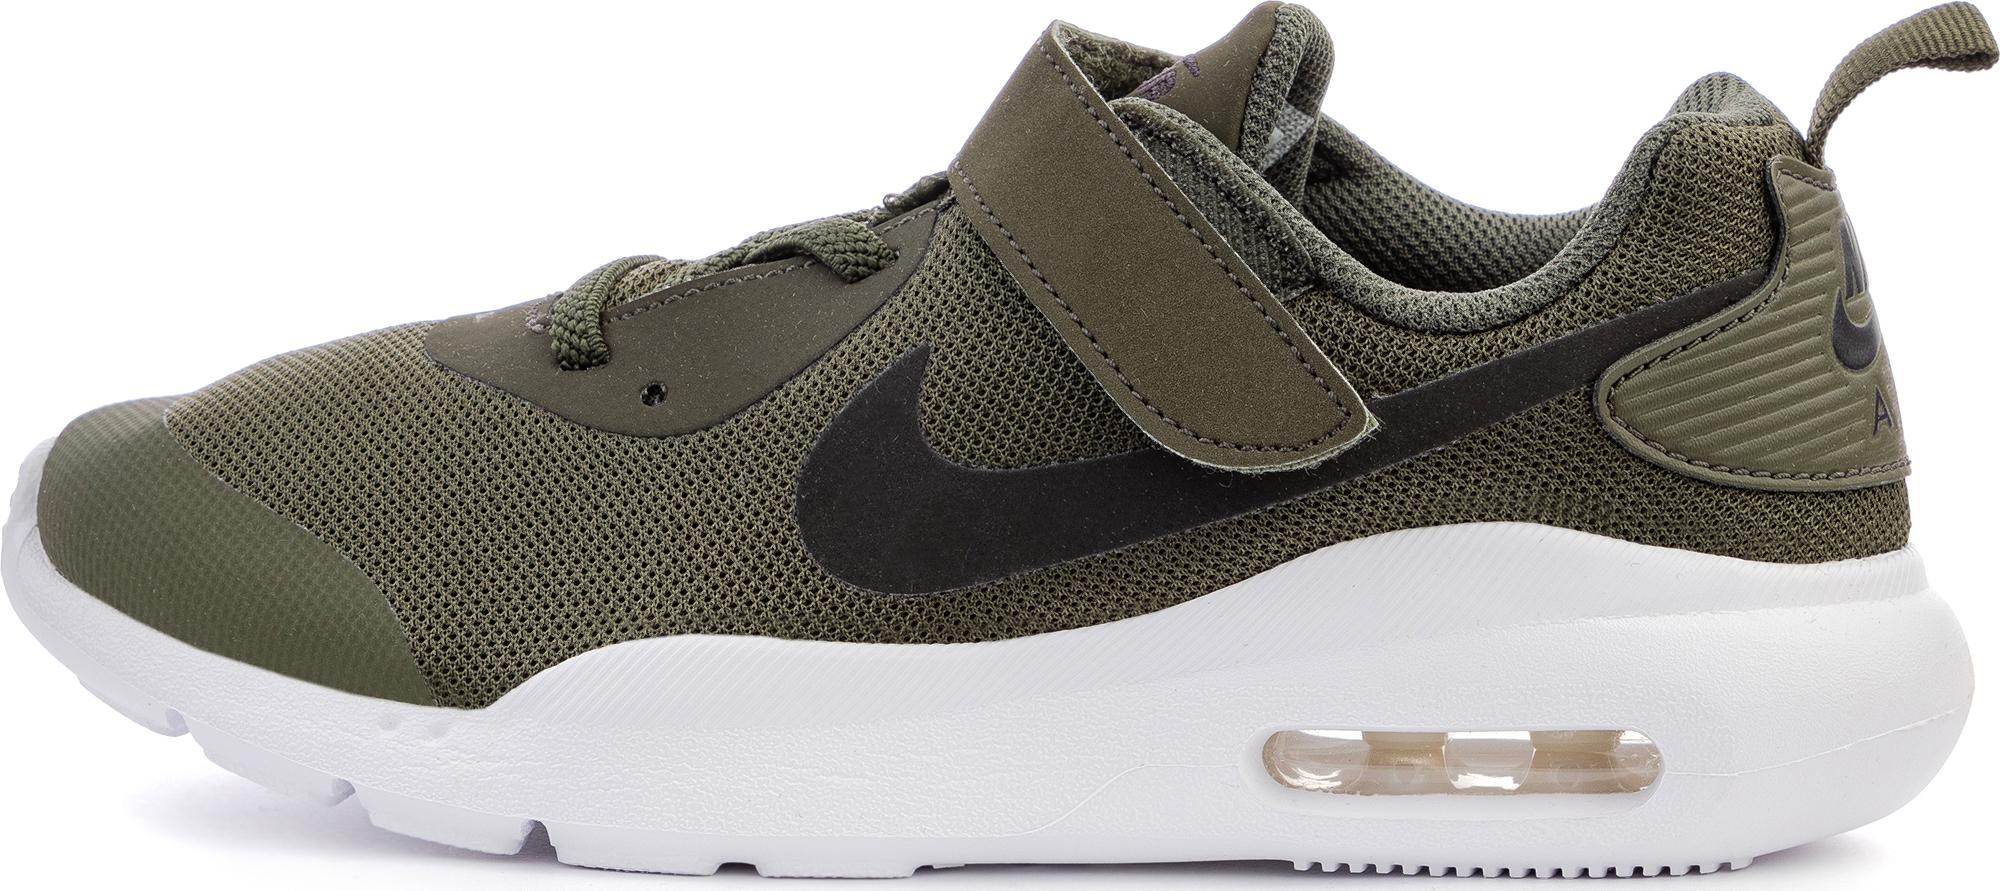 цена на Nike Кроссовки для мальчиков Nike Air Max Oketo, размер 34